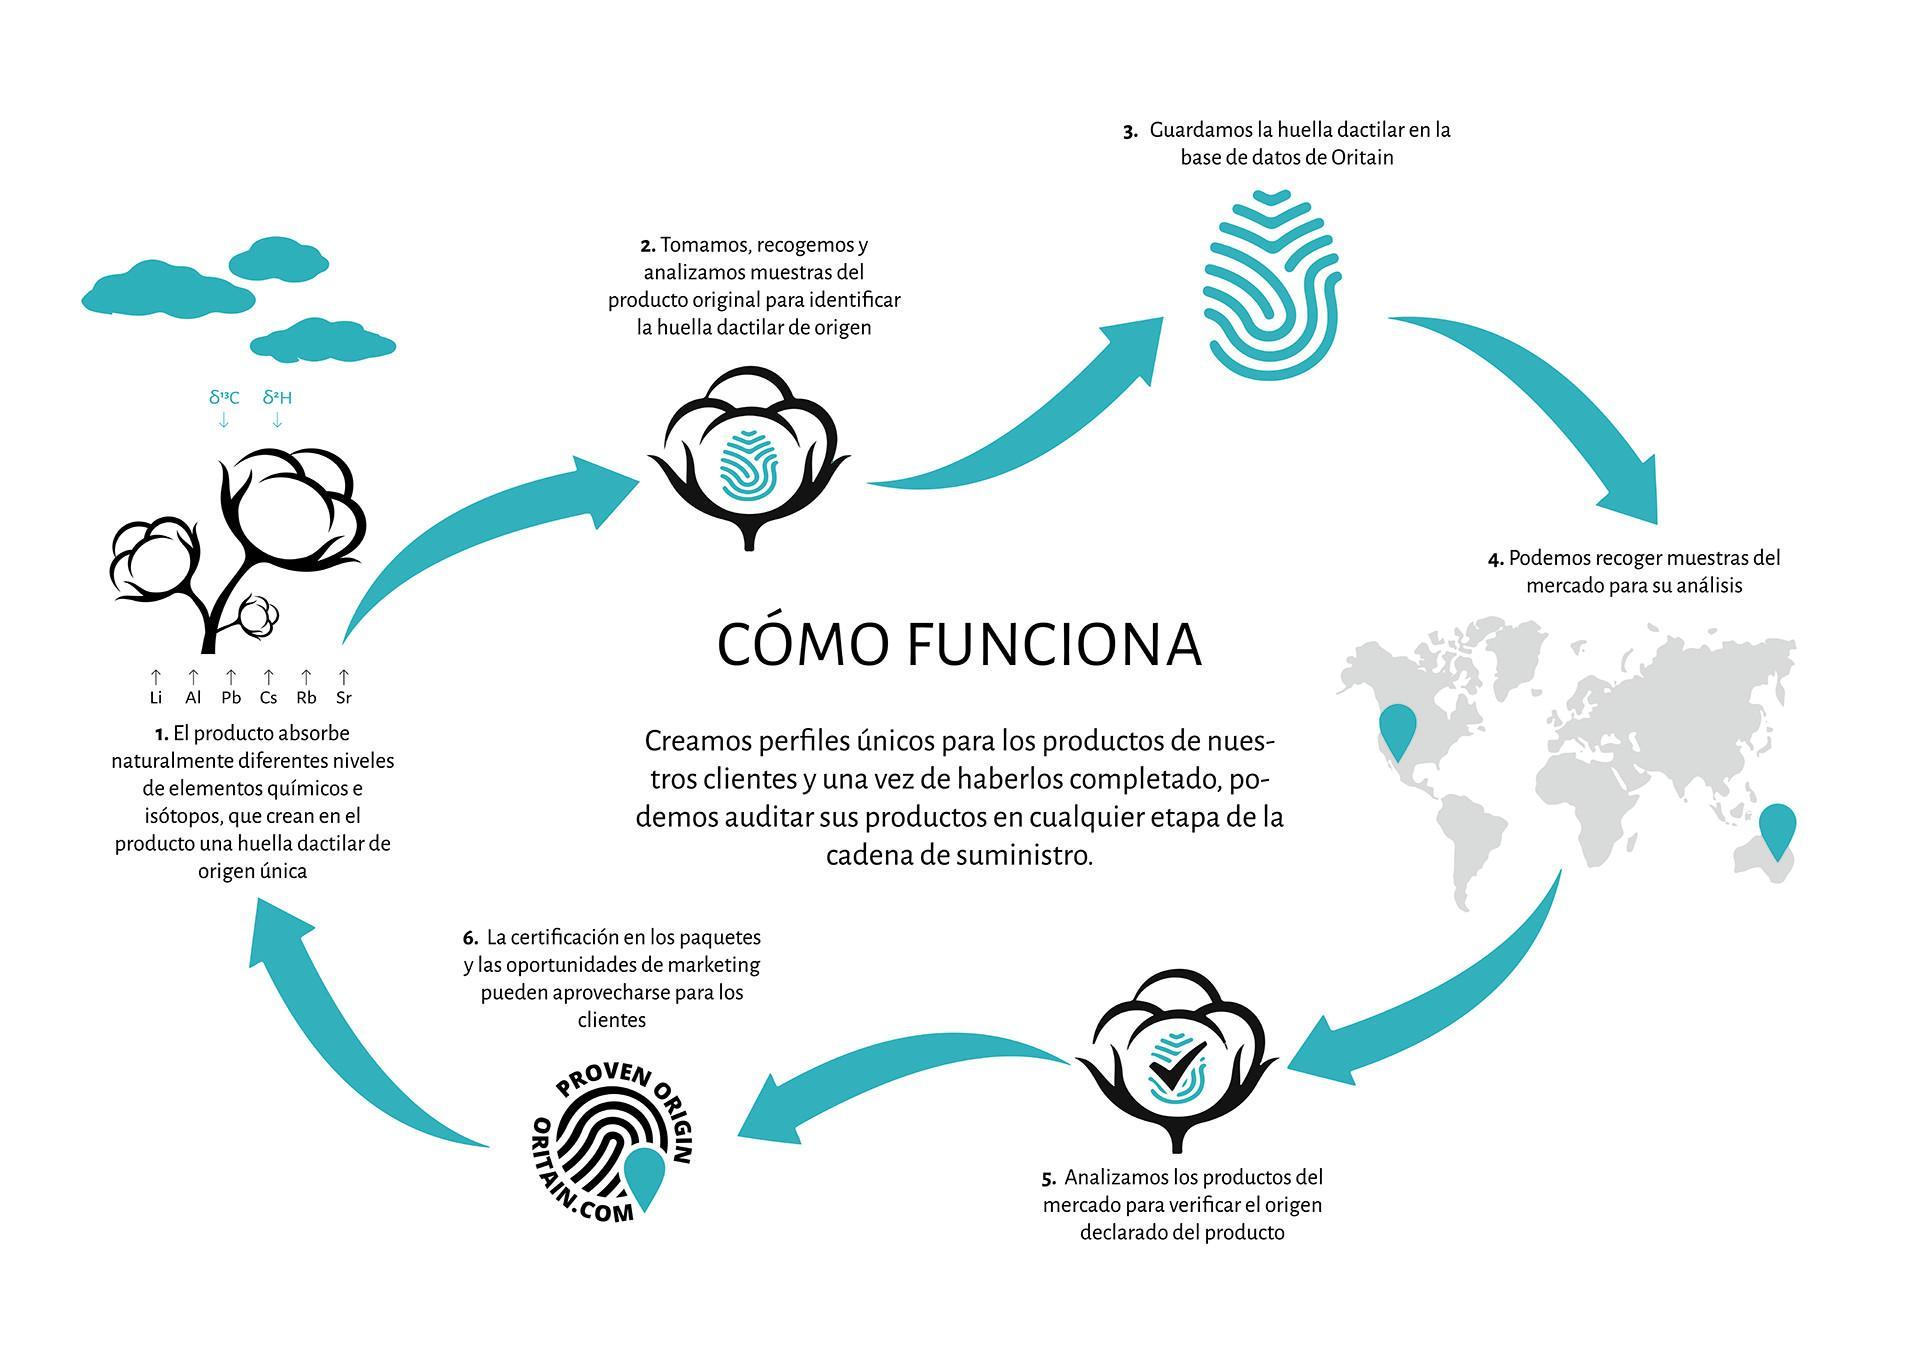 La imagen ilustra un diagrama de flujo que describe cómo trabaja Oritain para validar las muestras de algodón en nuestra cadena de suministros.